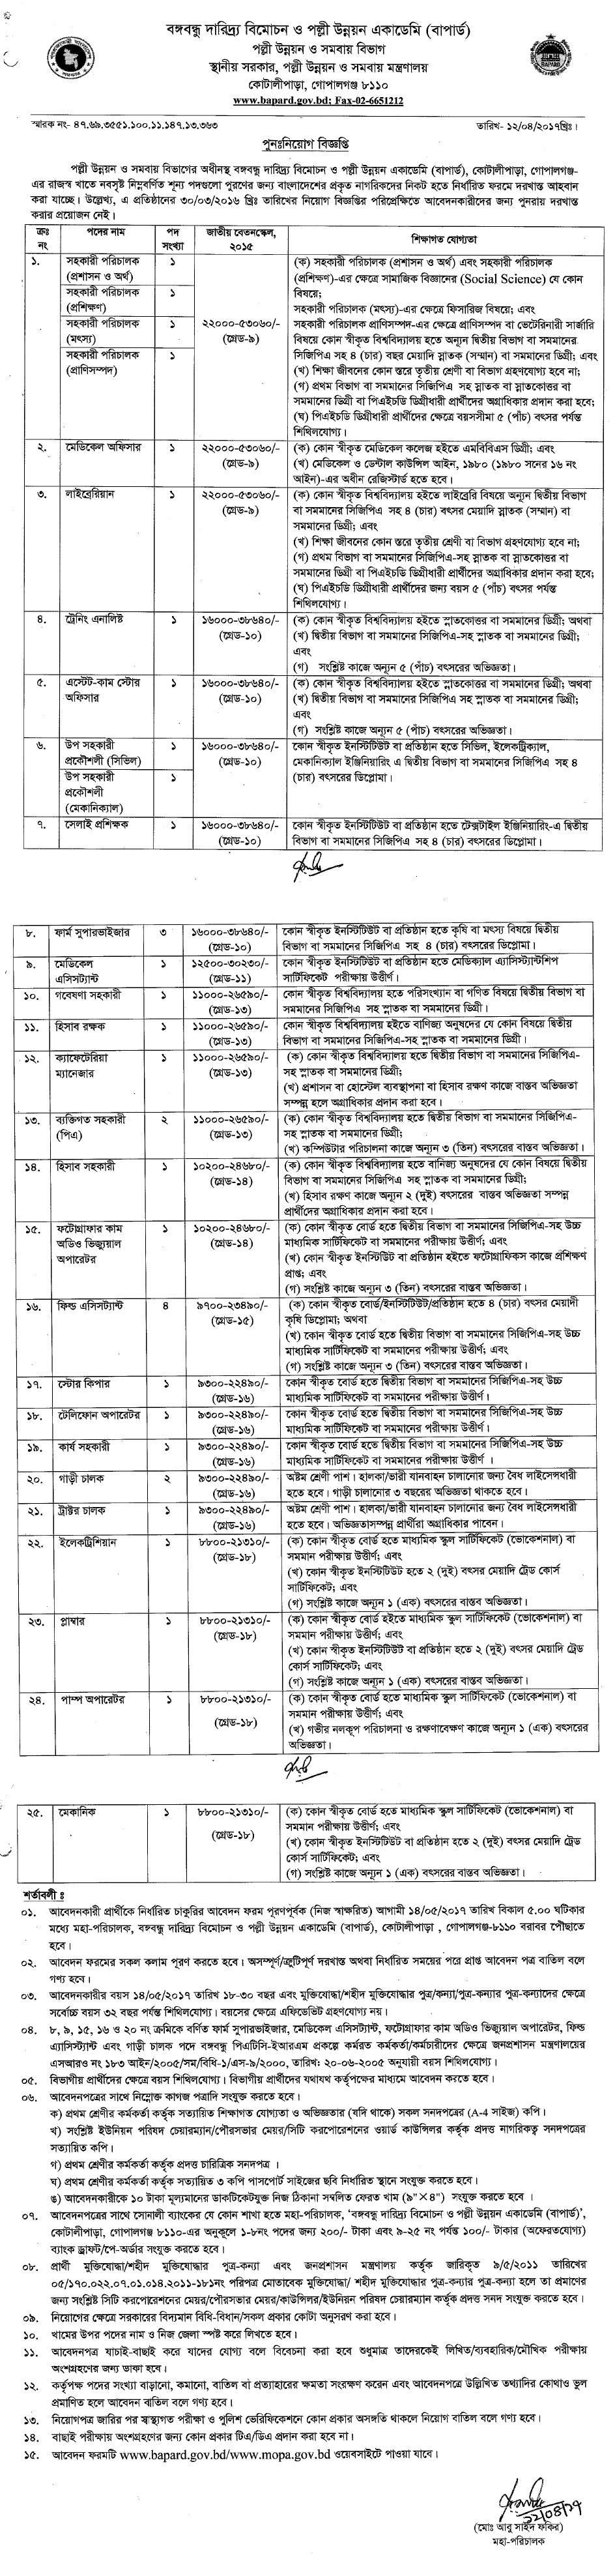 www railway gov bd application form 2017